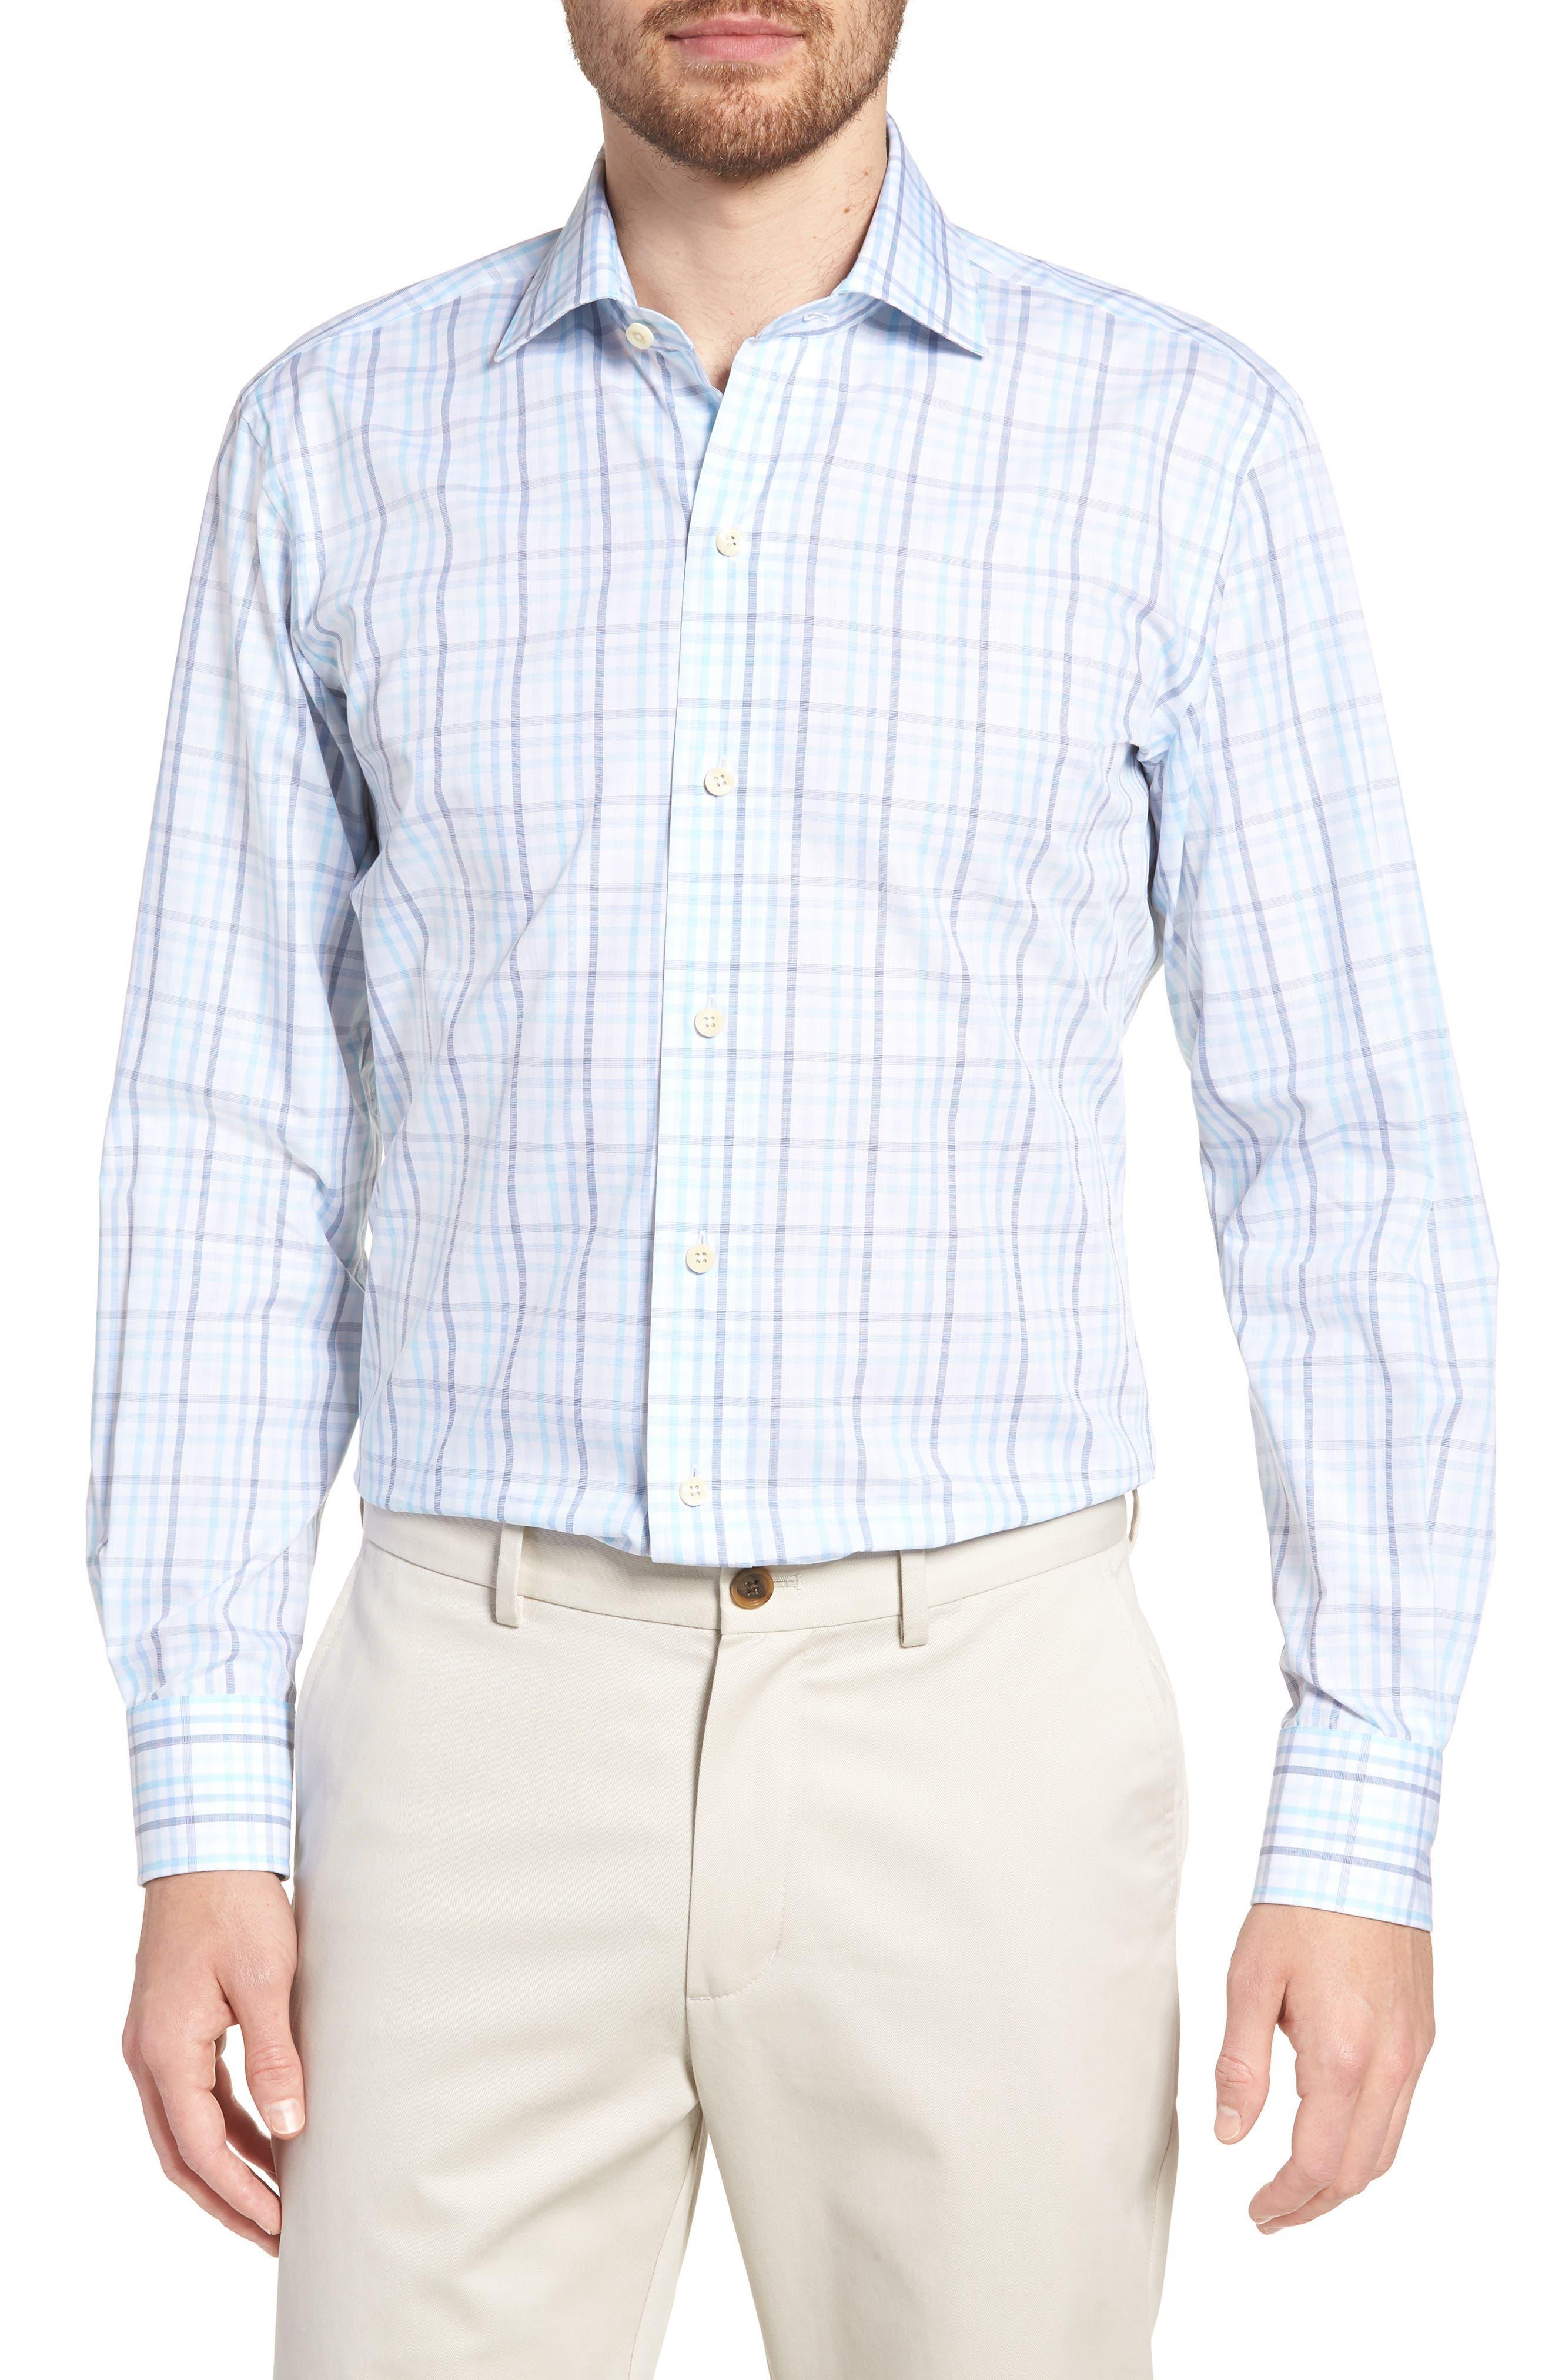 Pelton Slim Fit Check Dress Shirt,                             Main thumbnail 1, color,                             Turquoise/ Aqua